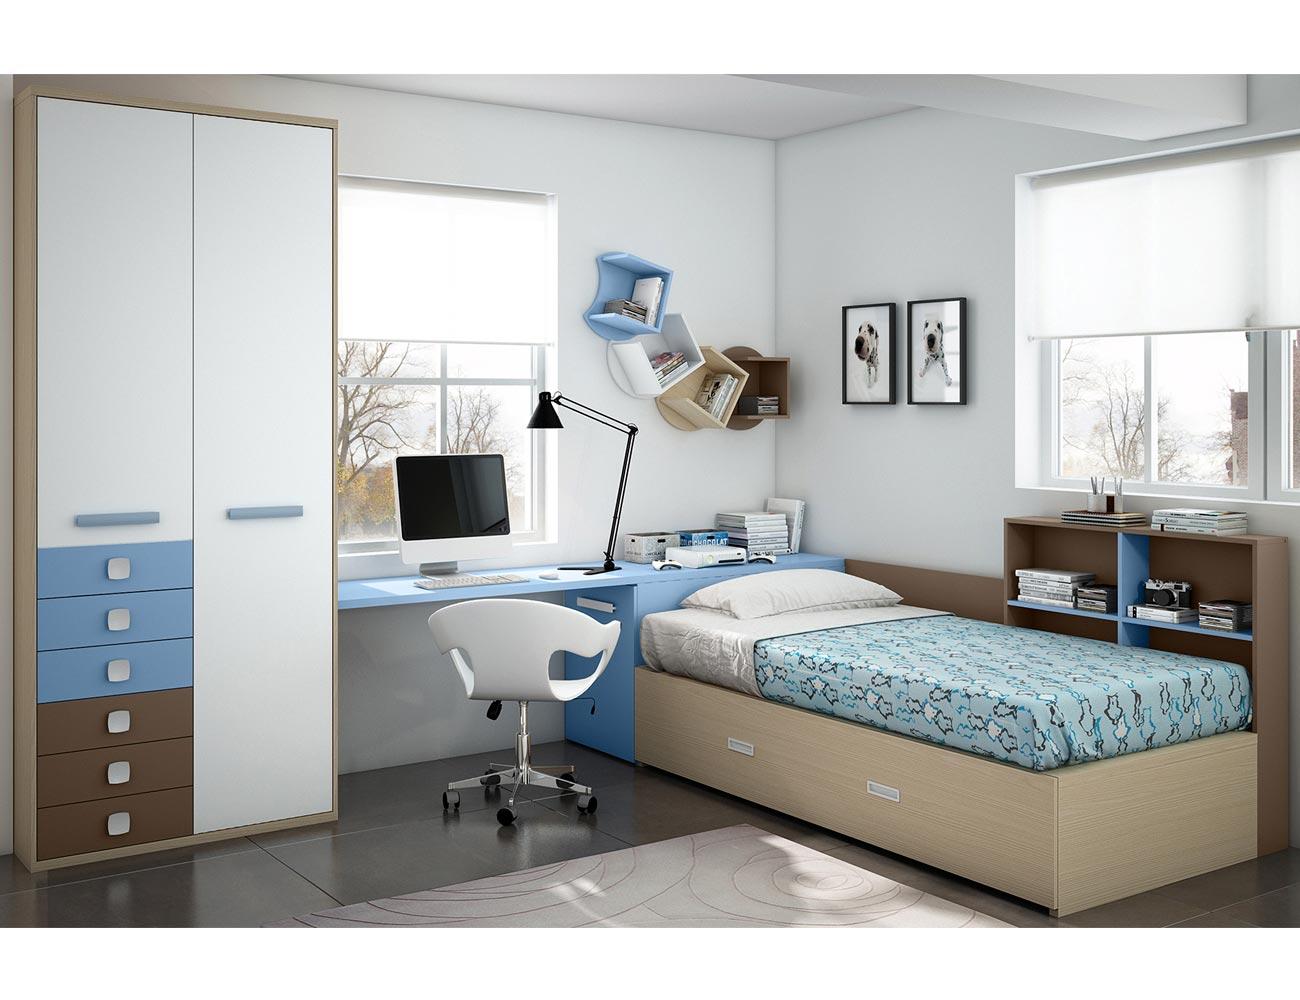 Dormitorio juvenil moderno box cube 6 cajones